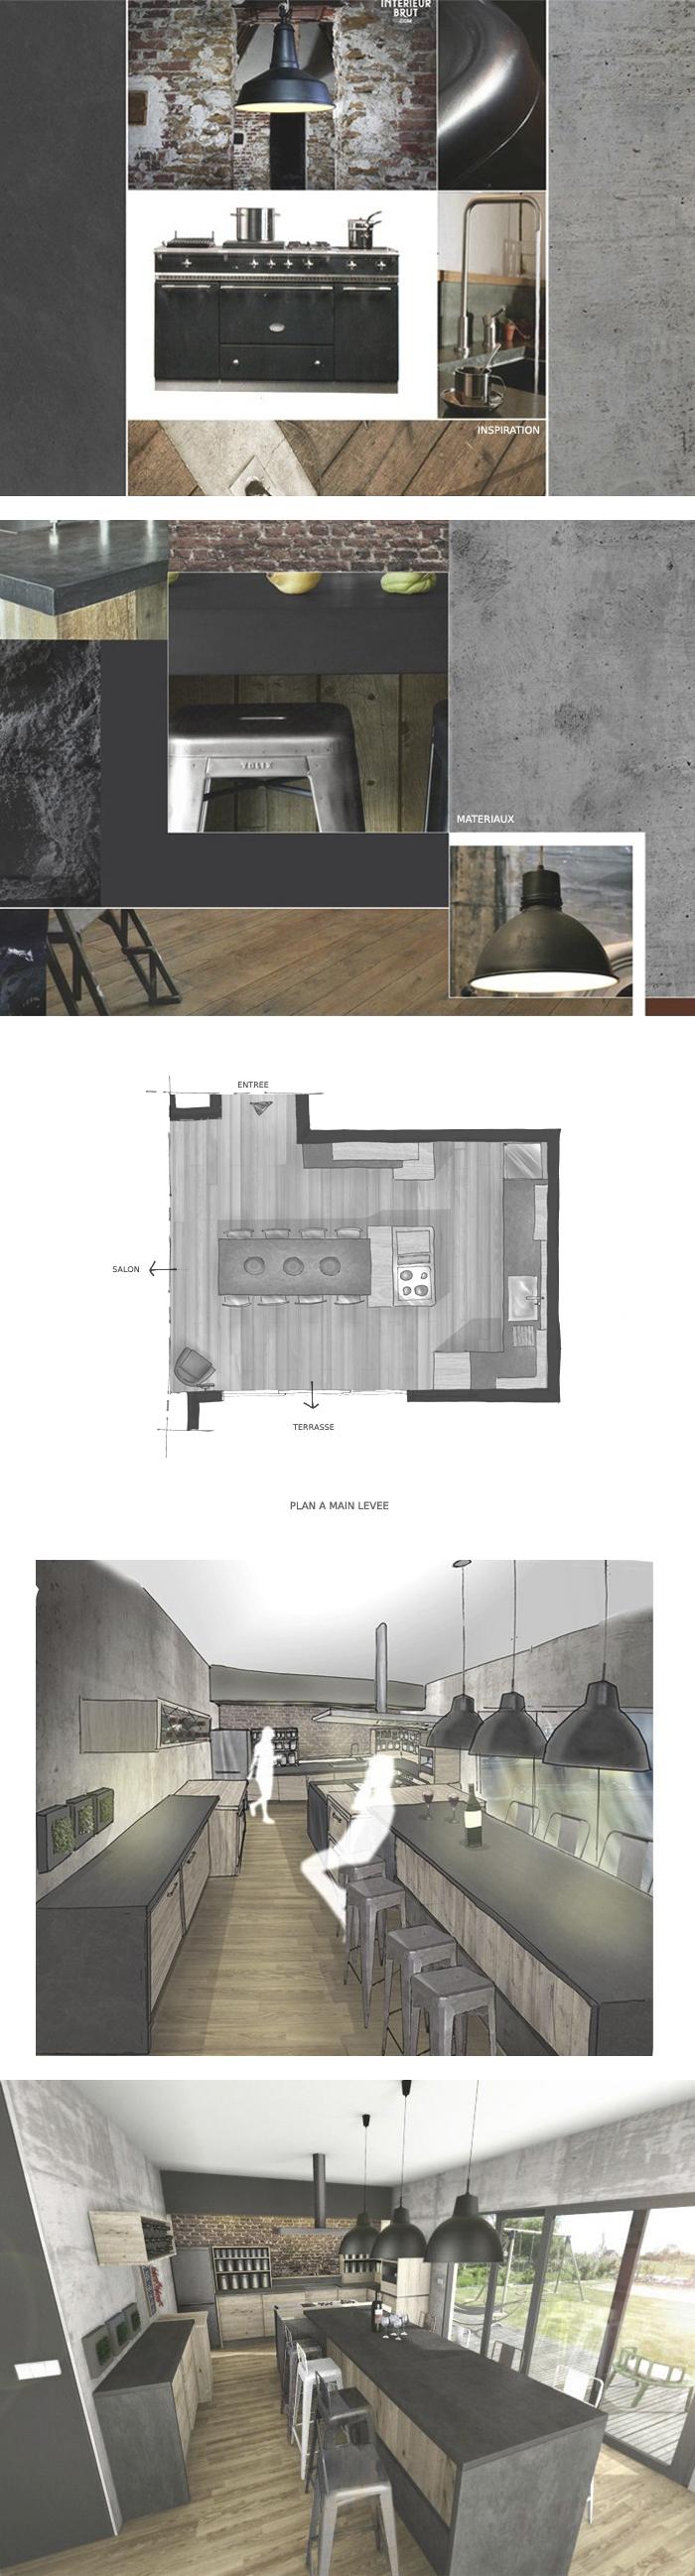 Cuisine industrielle design d 39 espace ambiance chaleureuse et conviviale dans un style - Cuisine industrielle design ...